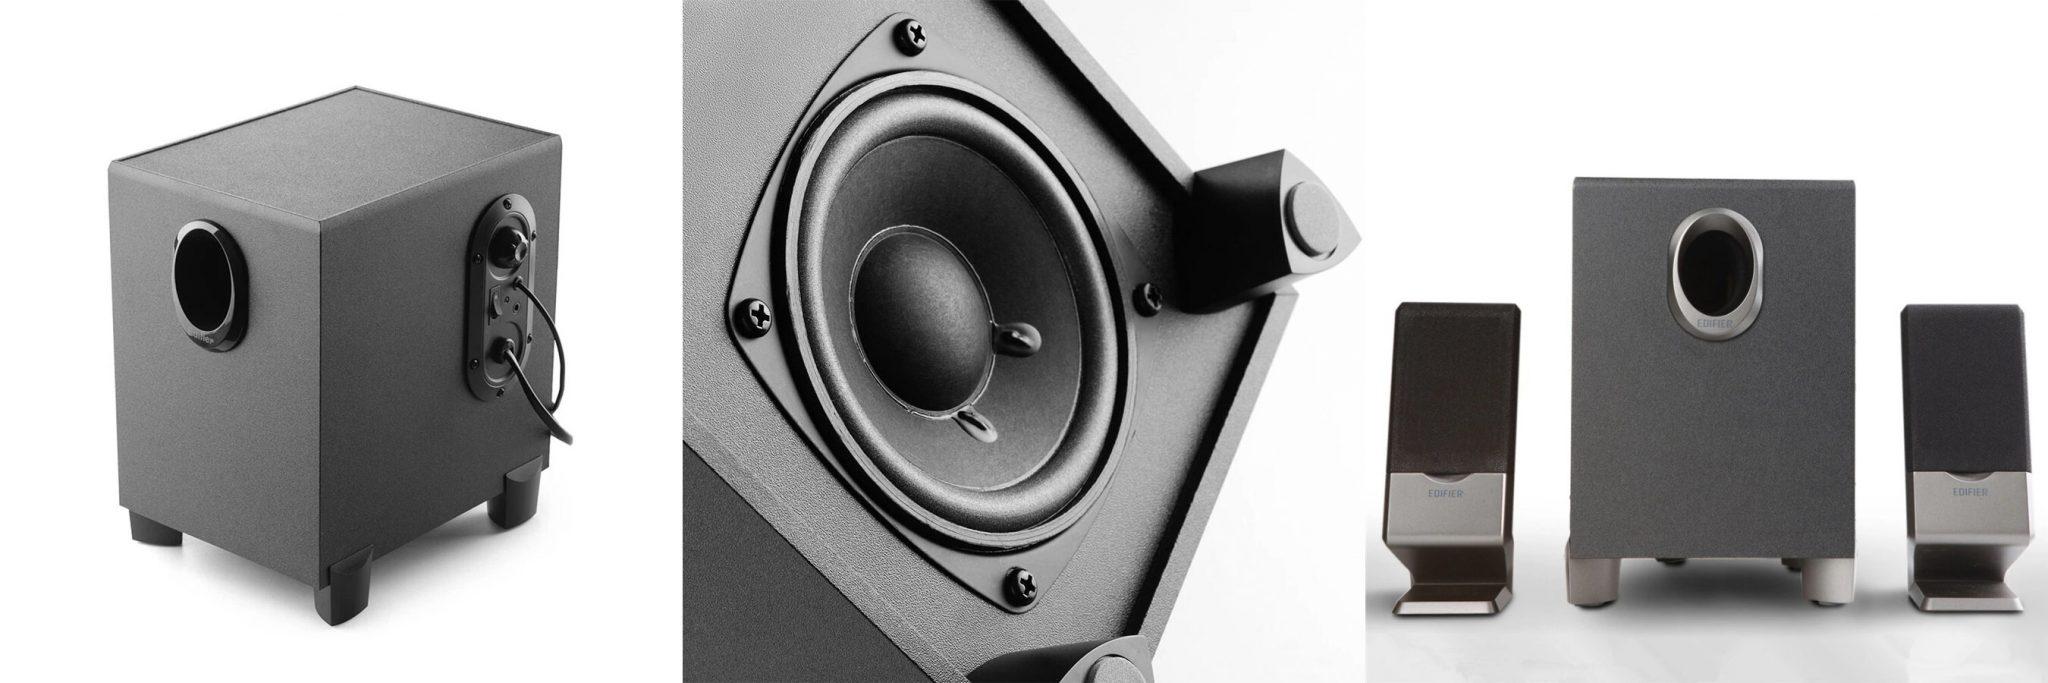 Edifier R101V 2.1-es hangfalszett teszt 11